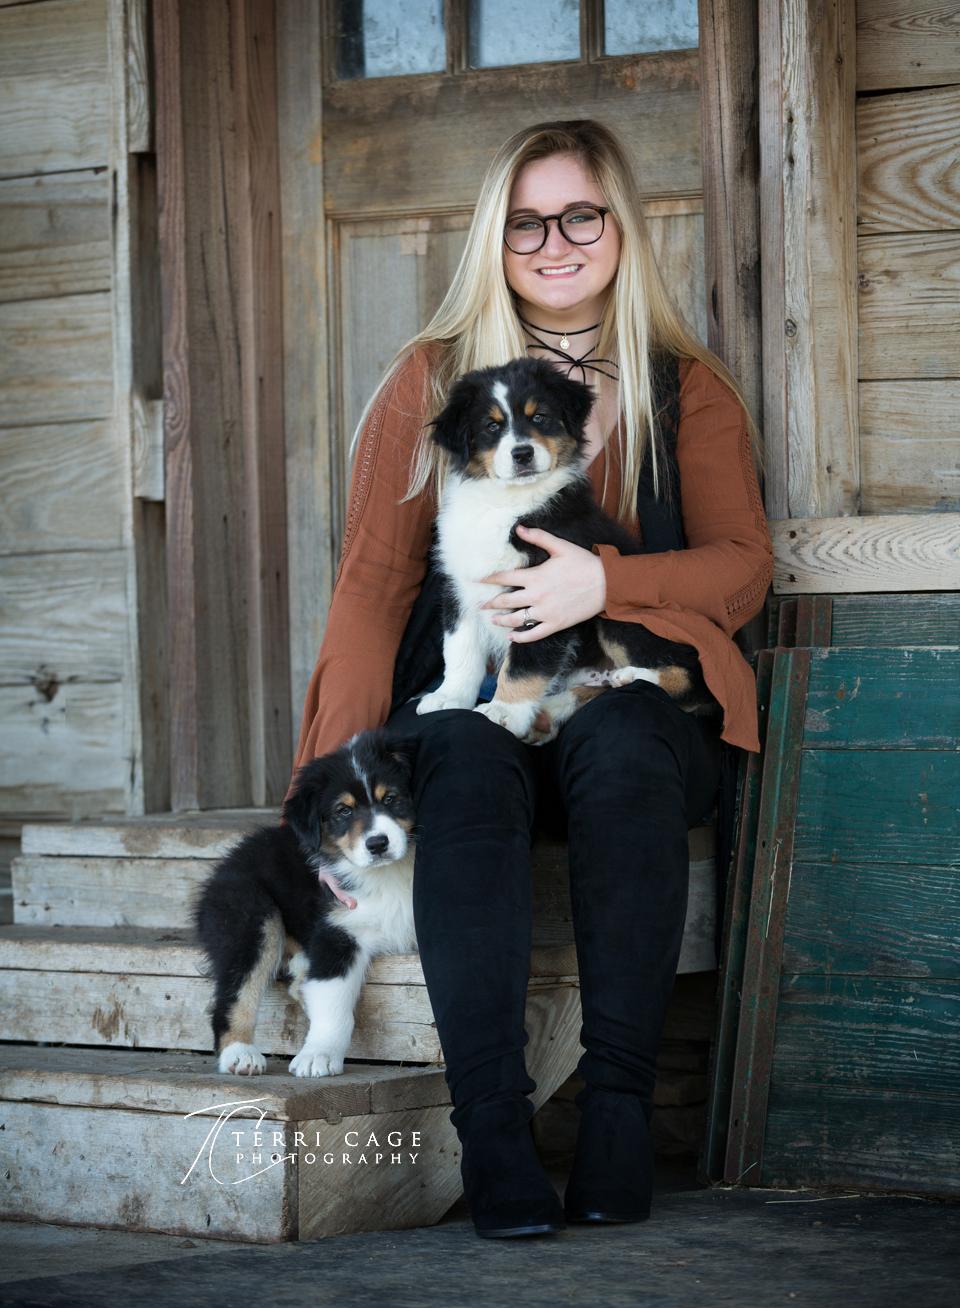 Senior photo with dog